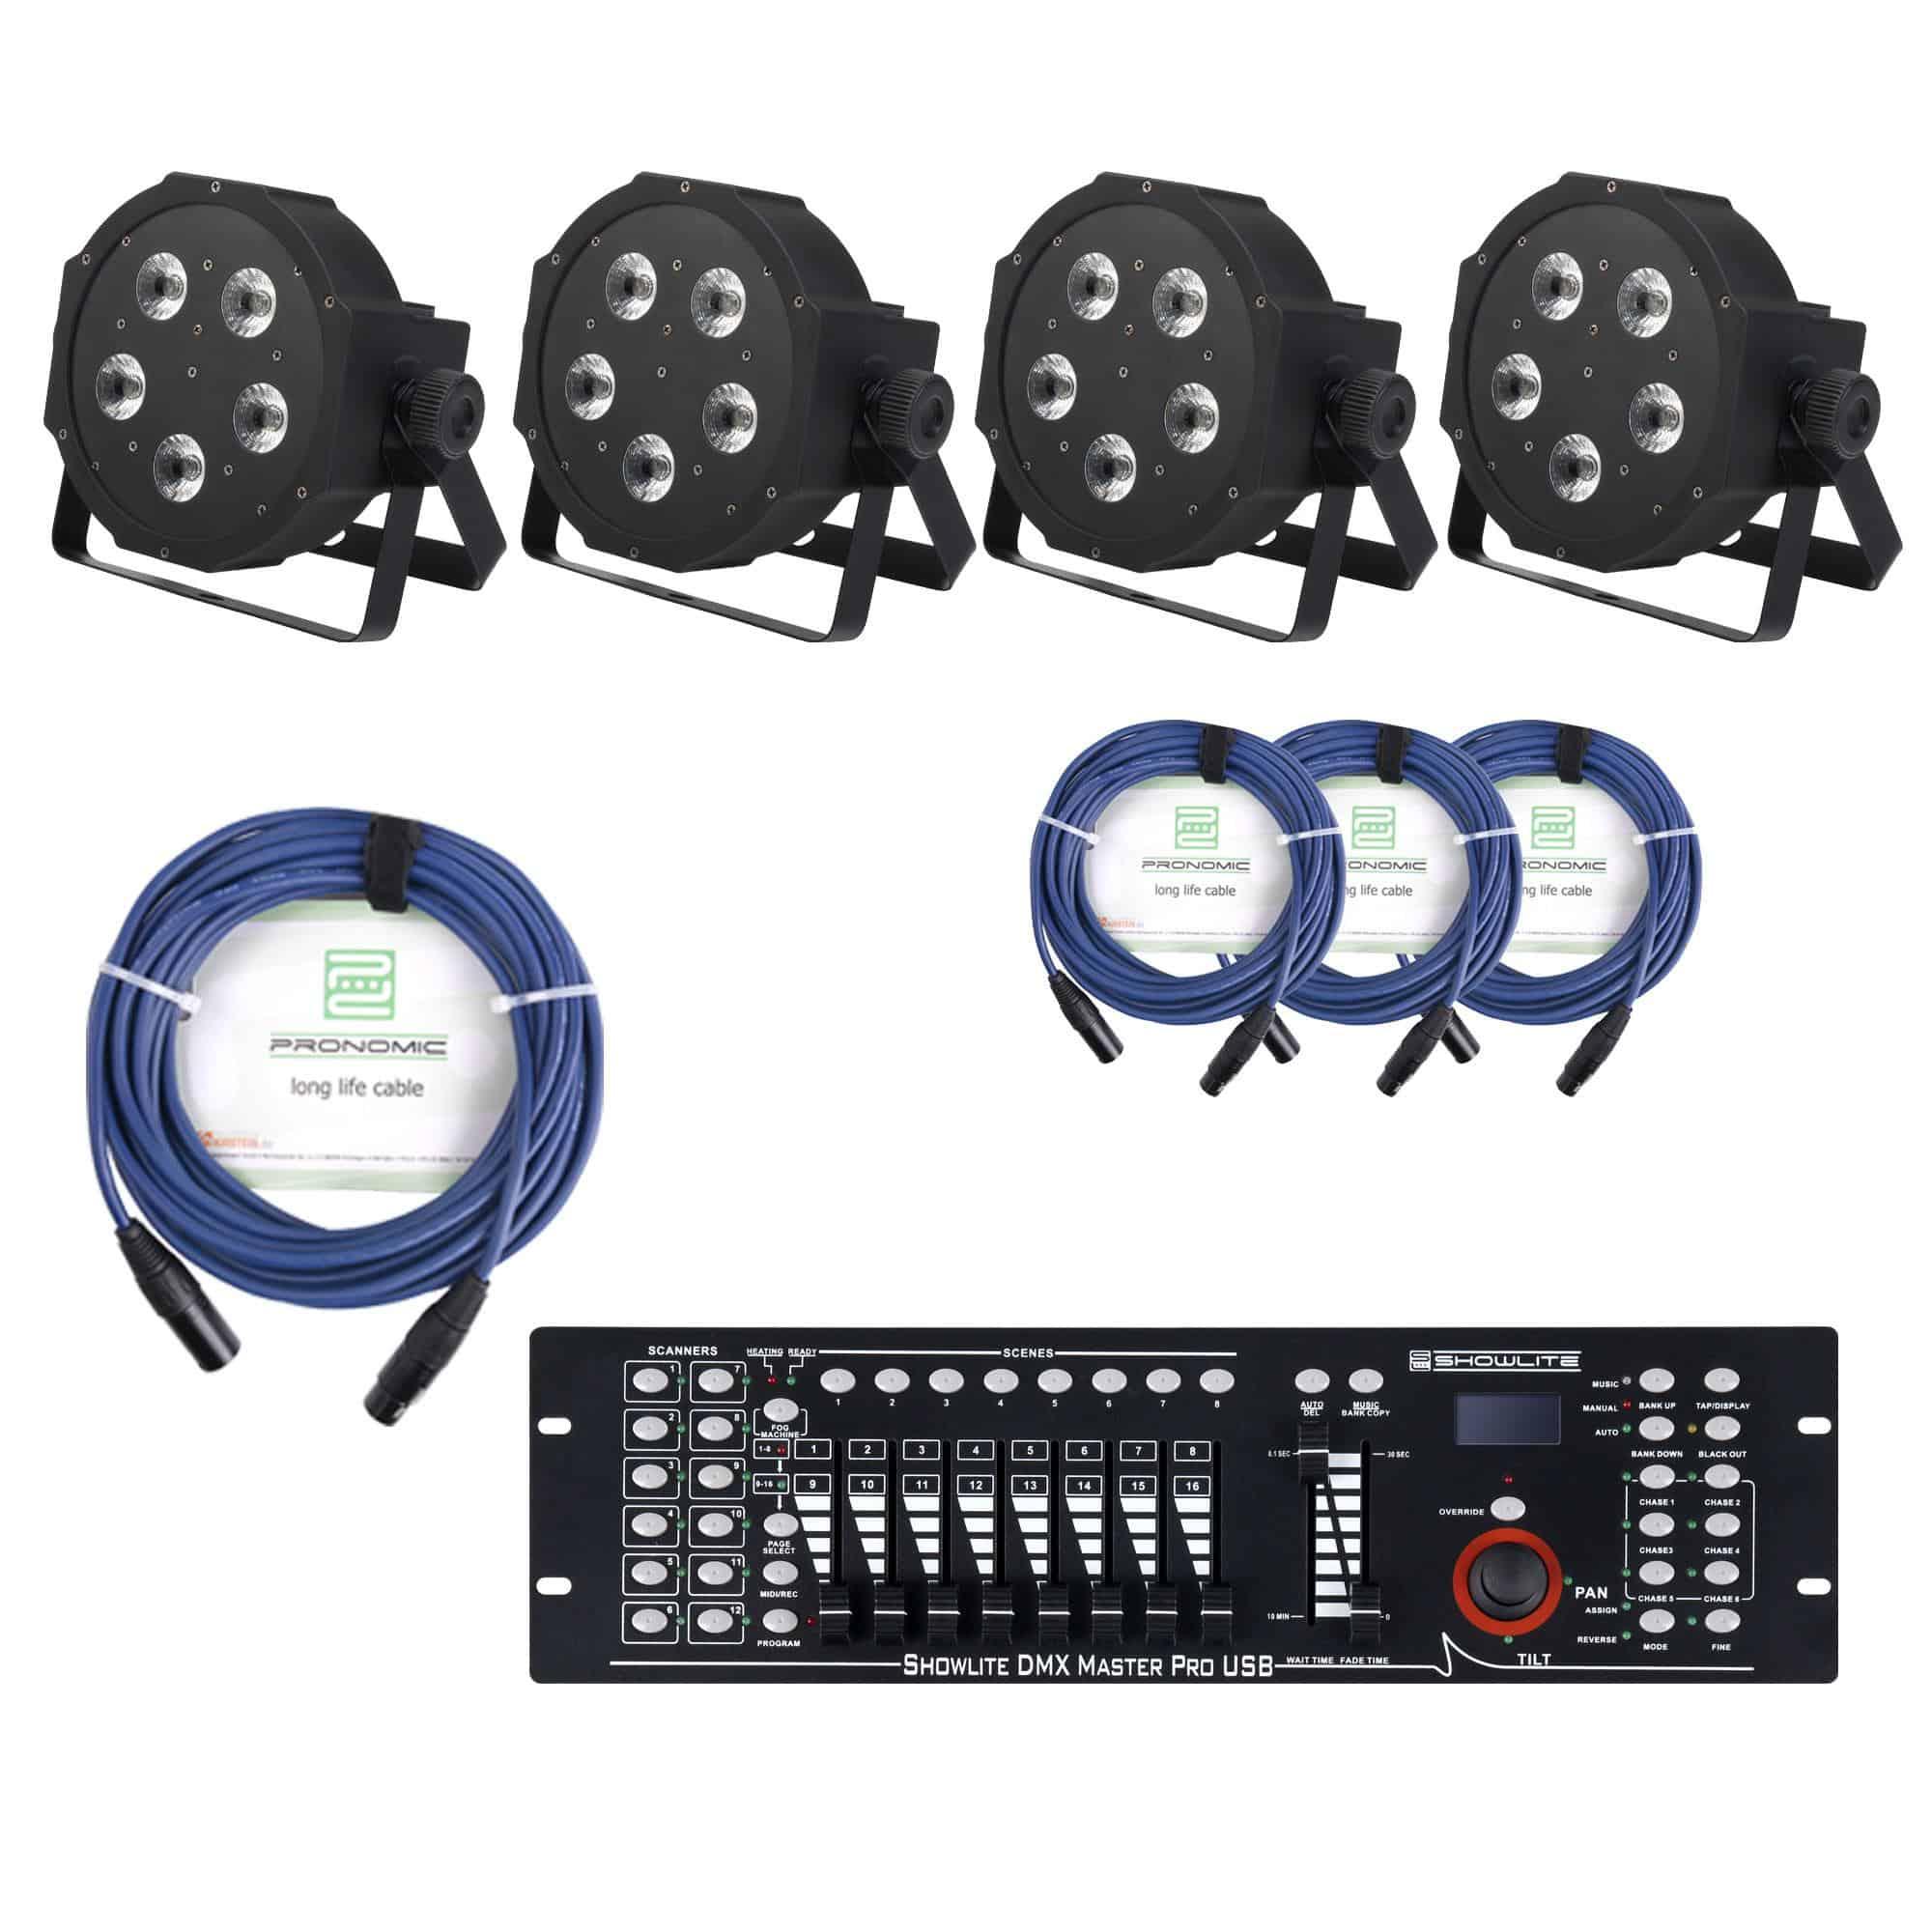 Showlite FLP 5x9W Scheinwerfer 4 x SET inkl. DMX Controller Master Pro USB Kabel